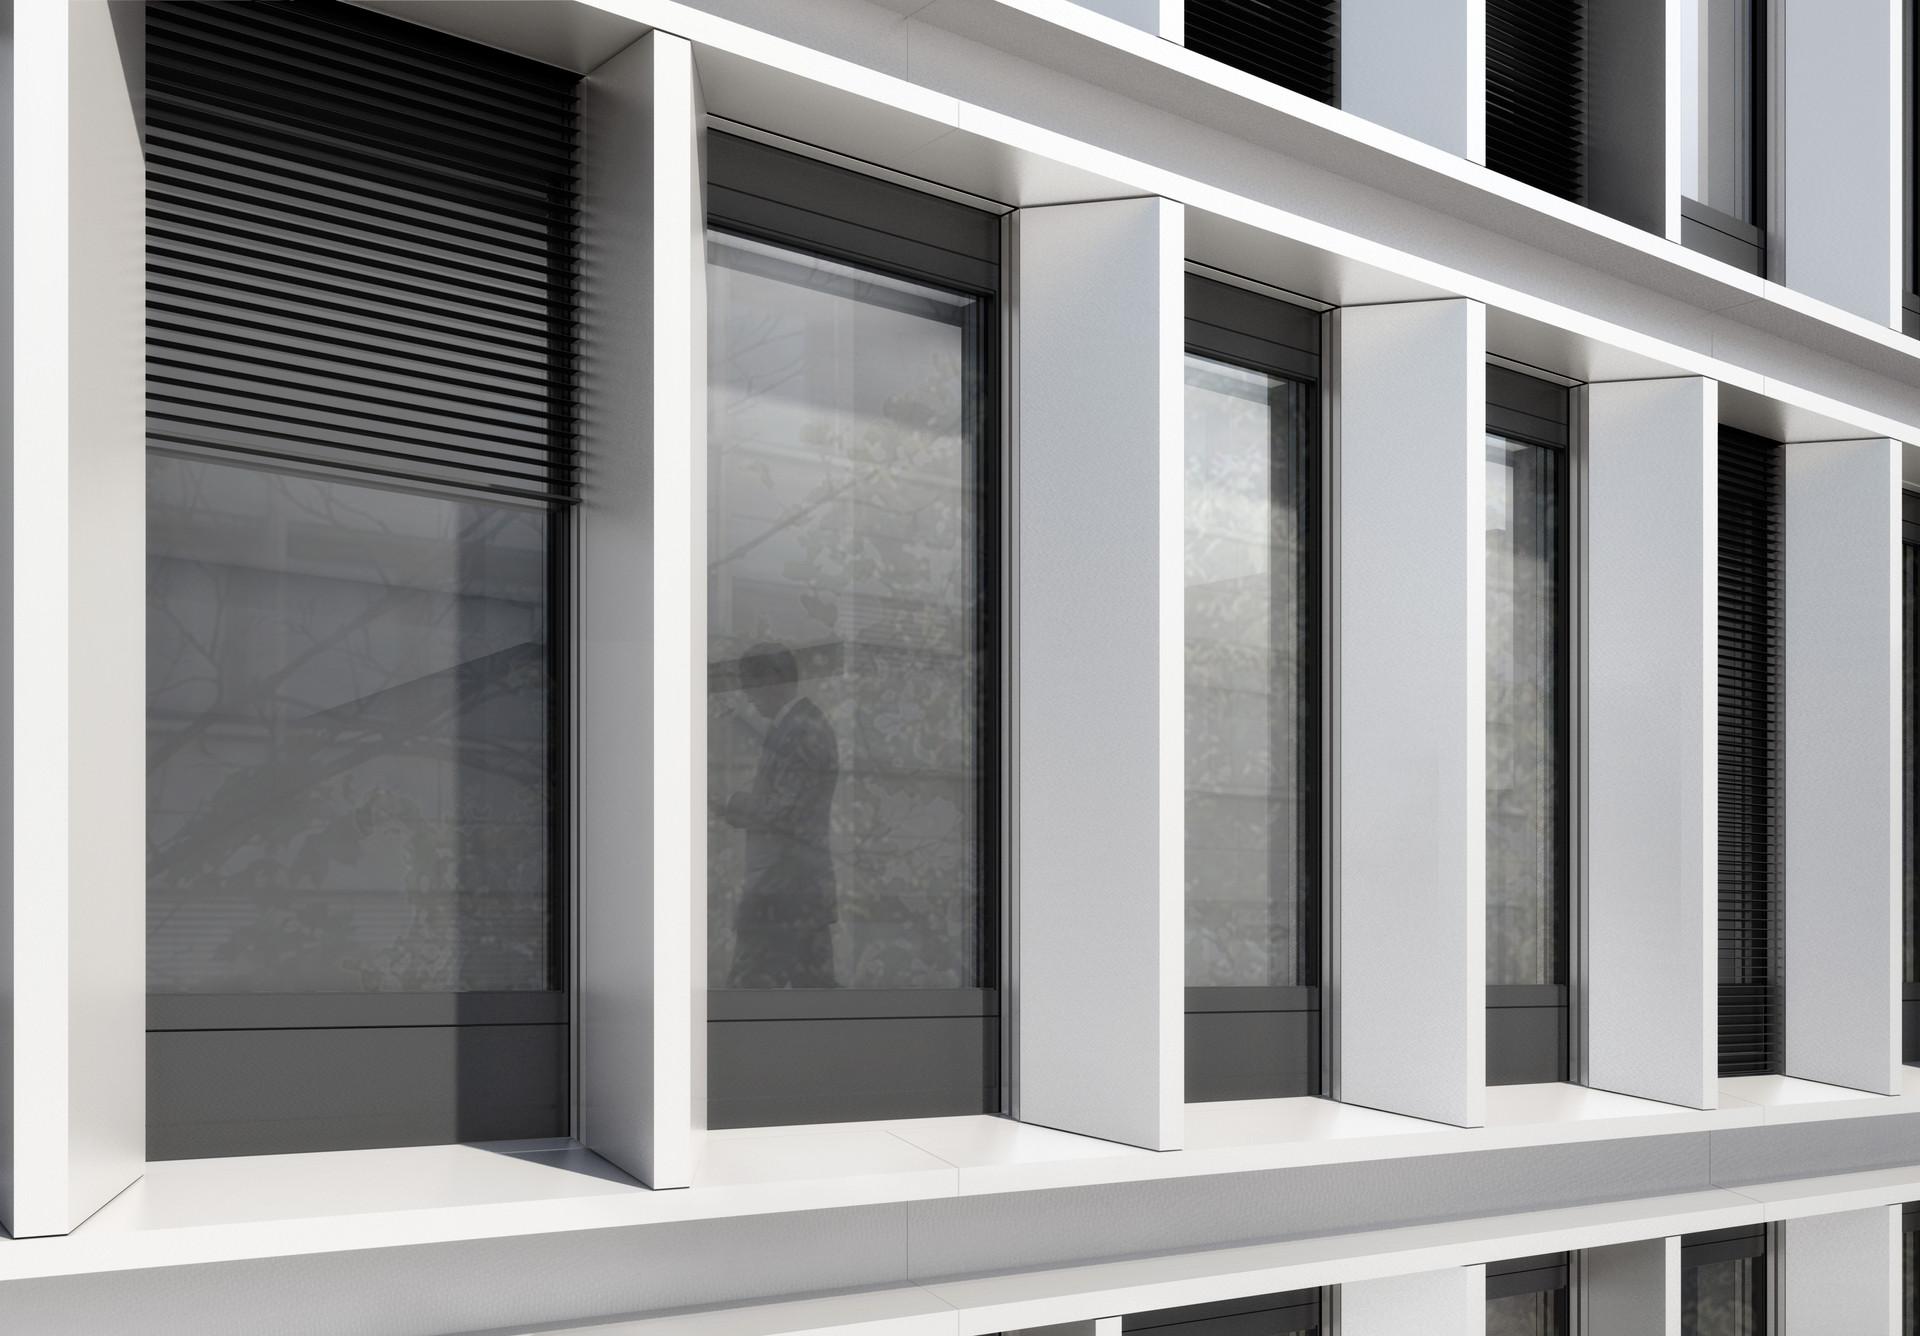 DIN - Gebäude Fassadenwettbewerbhalb © Thomas Stadler